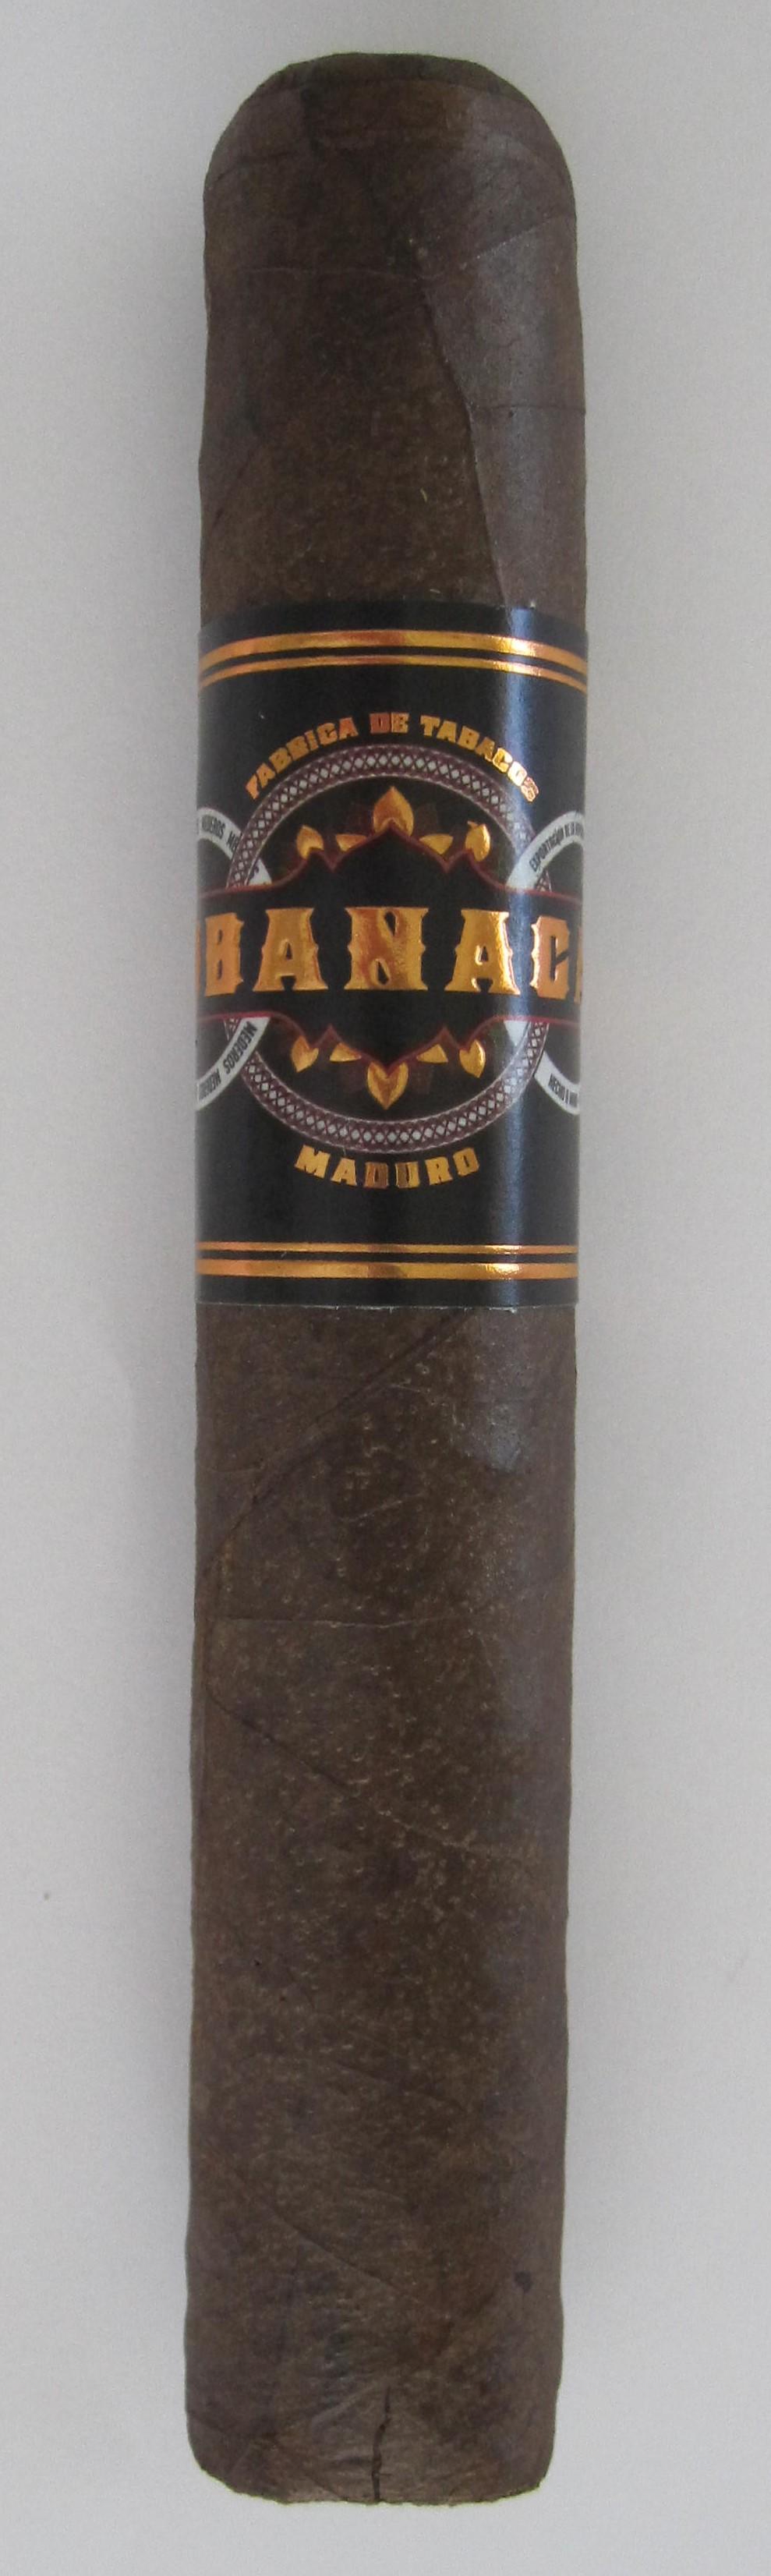 Cubanacan Maduro Cigar